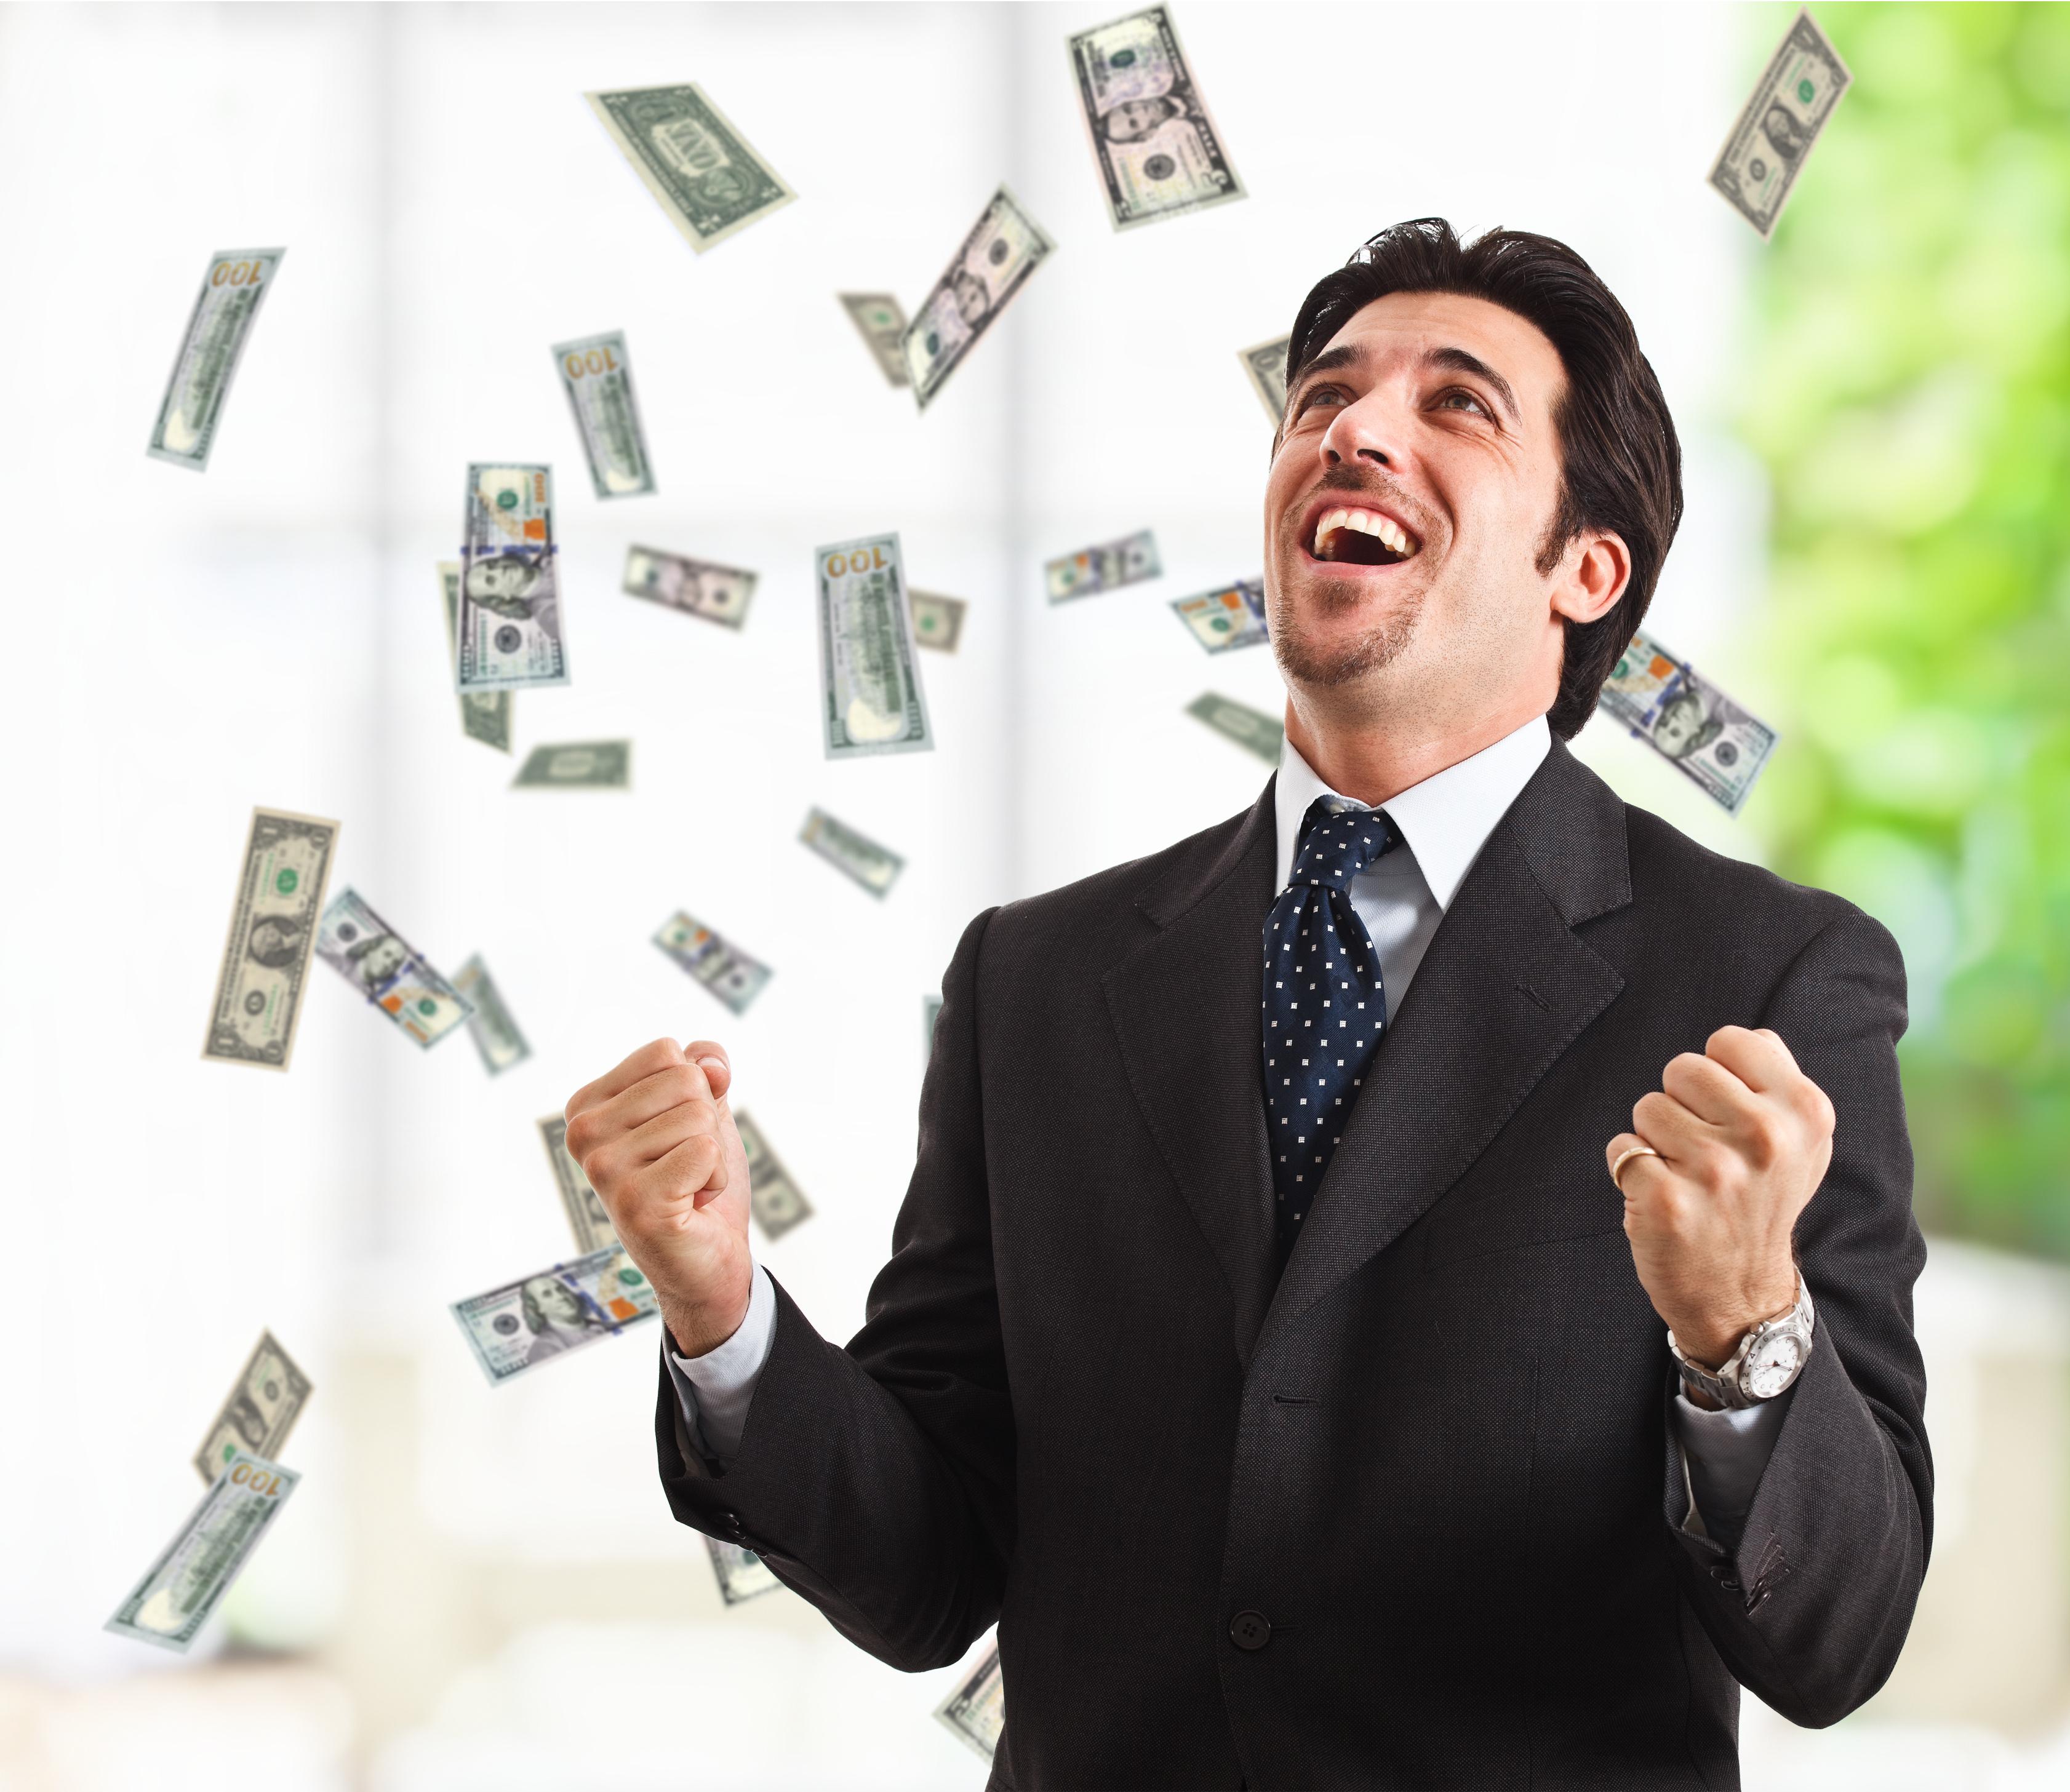 Прикольные картинки человека с деньгами, открытку